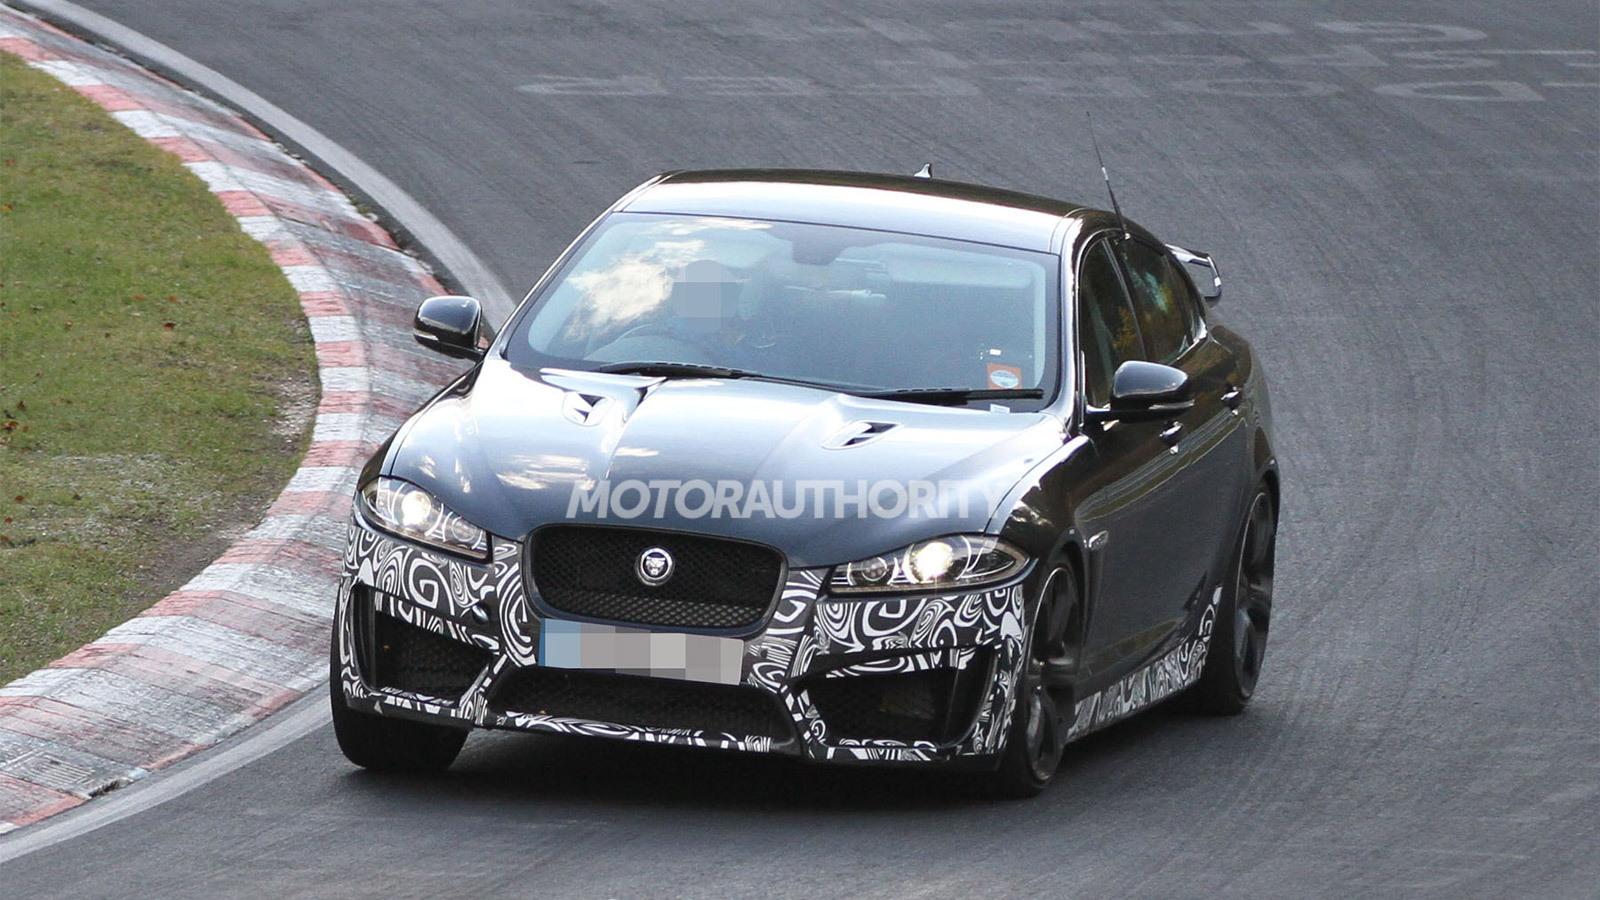 2013 Jaguar XFR-S spy shots